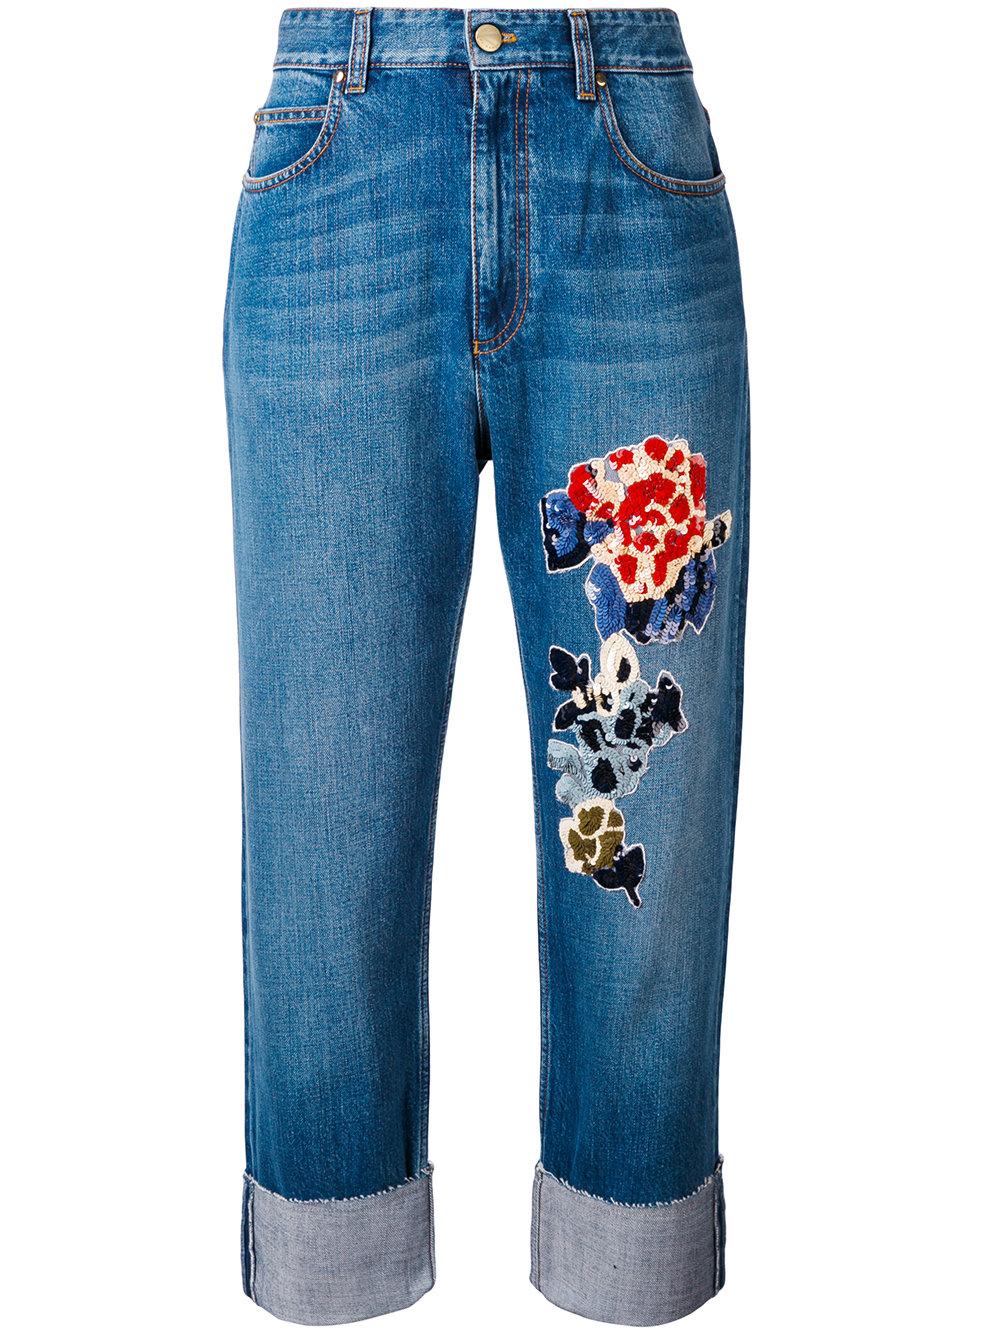 jean brod sequins sonia rykiel 25 jeans brod s qui nous font de l il elle. Black Bedroom Furniture Sets. Home Design Ideas